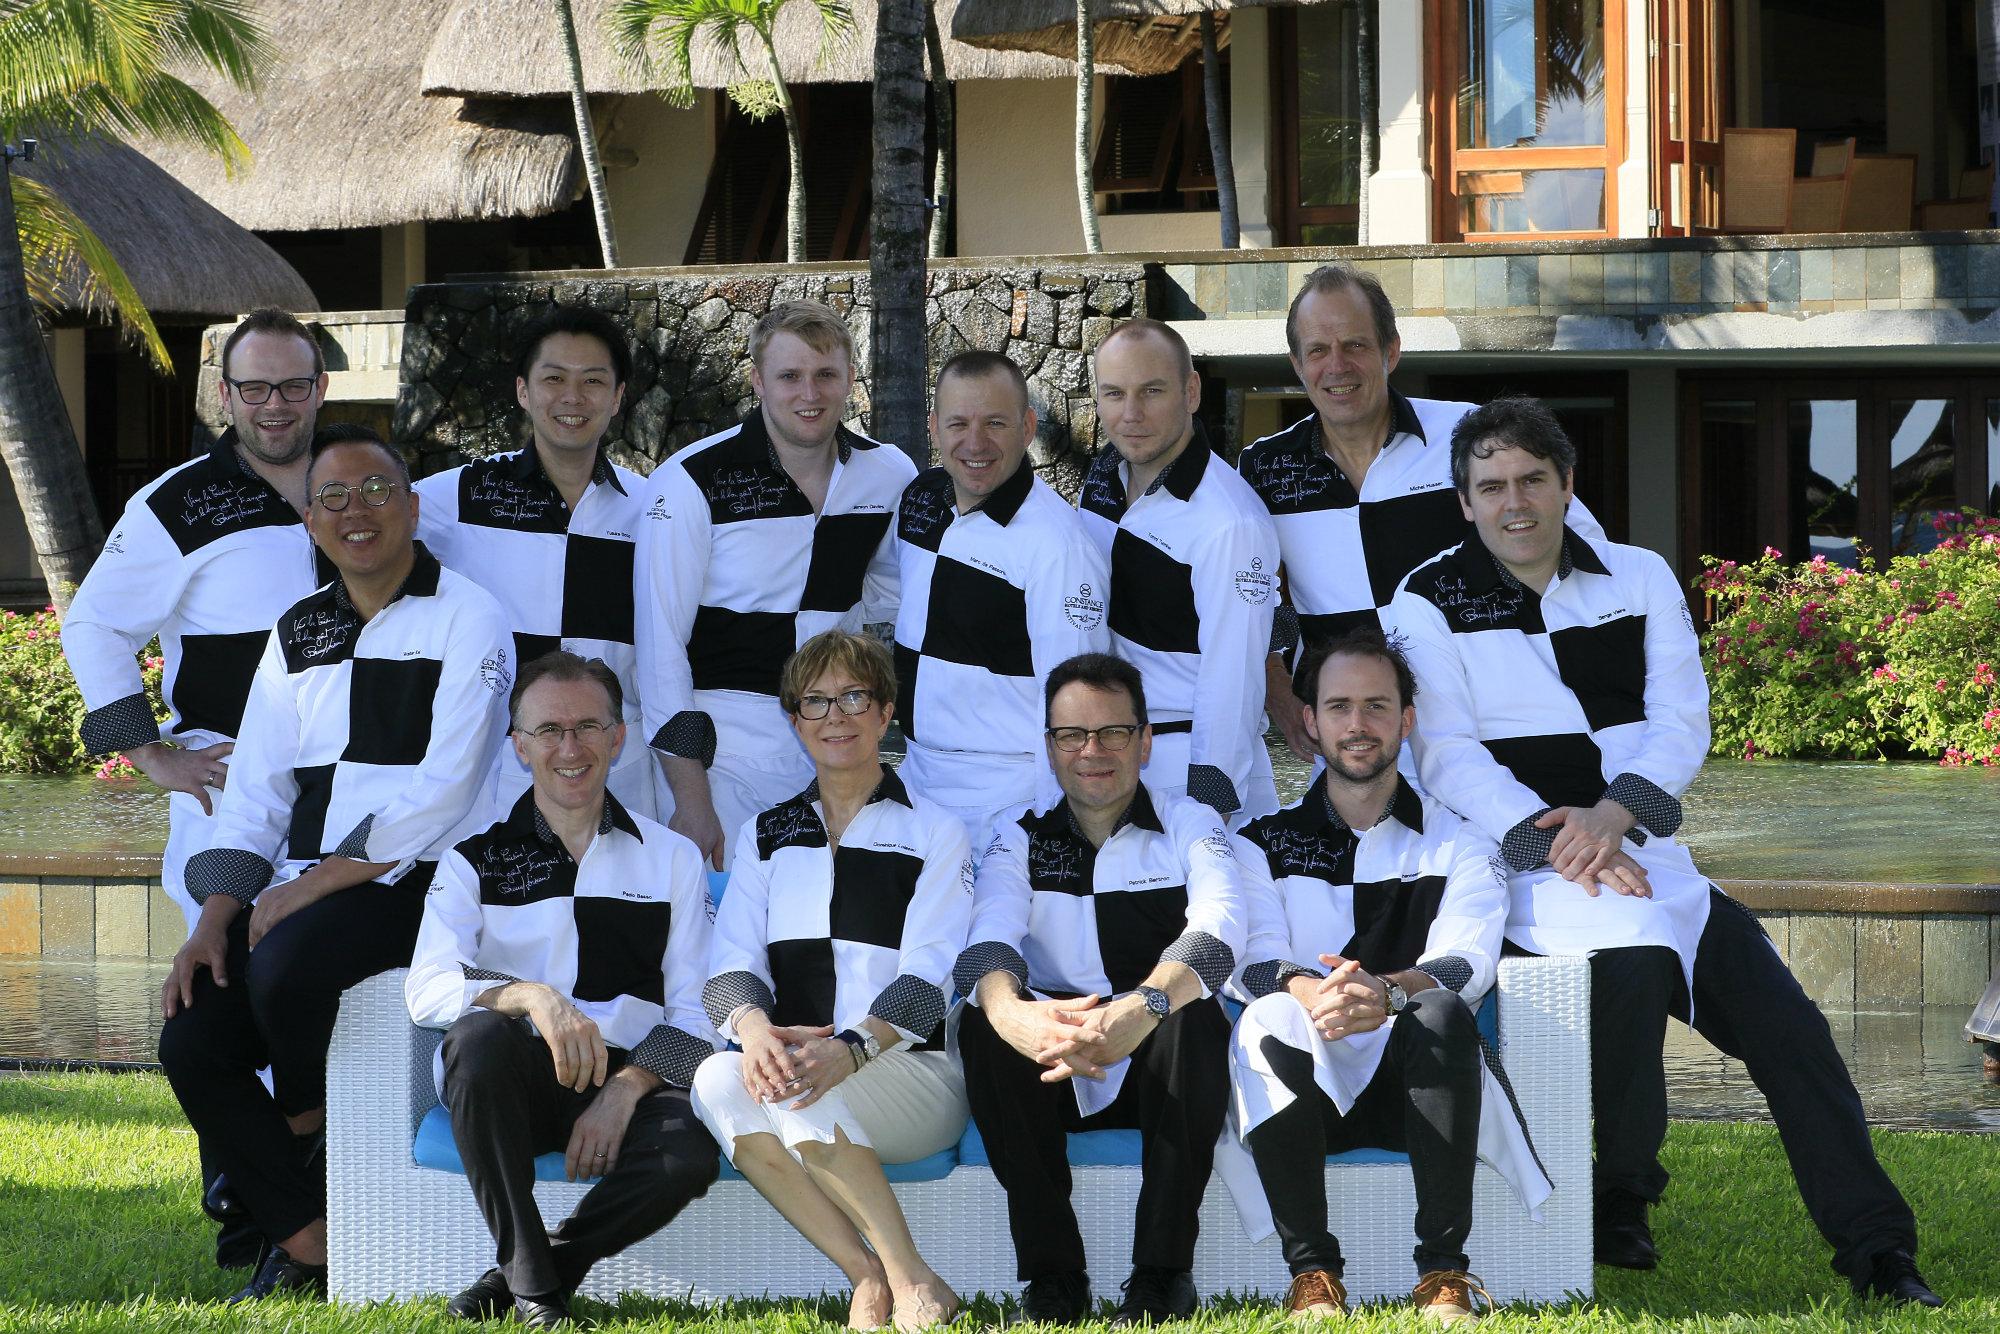 Ce sont pas moins de 6 bînomes qui se sont affrontés lors du Festival Culinaire Bernard Loiseau qui s'est déroulé à l'ïle Maurice sous l'égide de Dominique Loiseau_©_DR